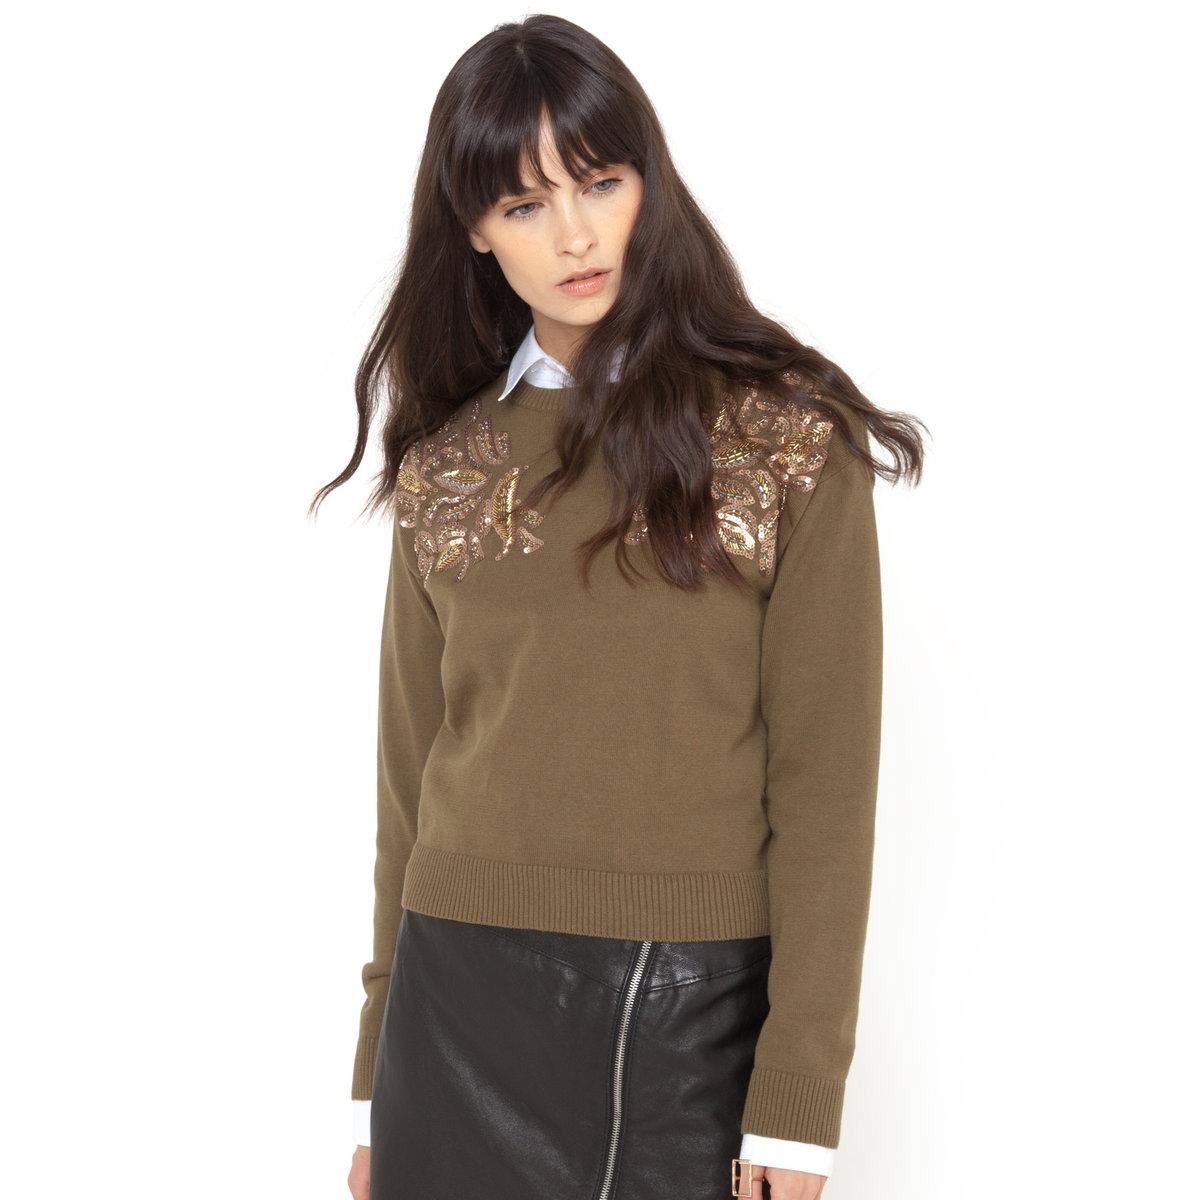 Пуловер с пайеткамиПуловер из 100% хлопка. Пайетки и бусины украшают плечи. Длинные рукава. Круглый вырез. Длина 52 см.<br><br>Цвет: оливковый,оранжевый<br>Размер: 34/36 (FR) - 40/42 (RUS).42/44 (FR) - 48/50 (RUS)